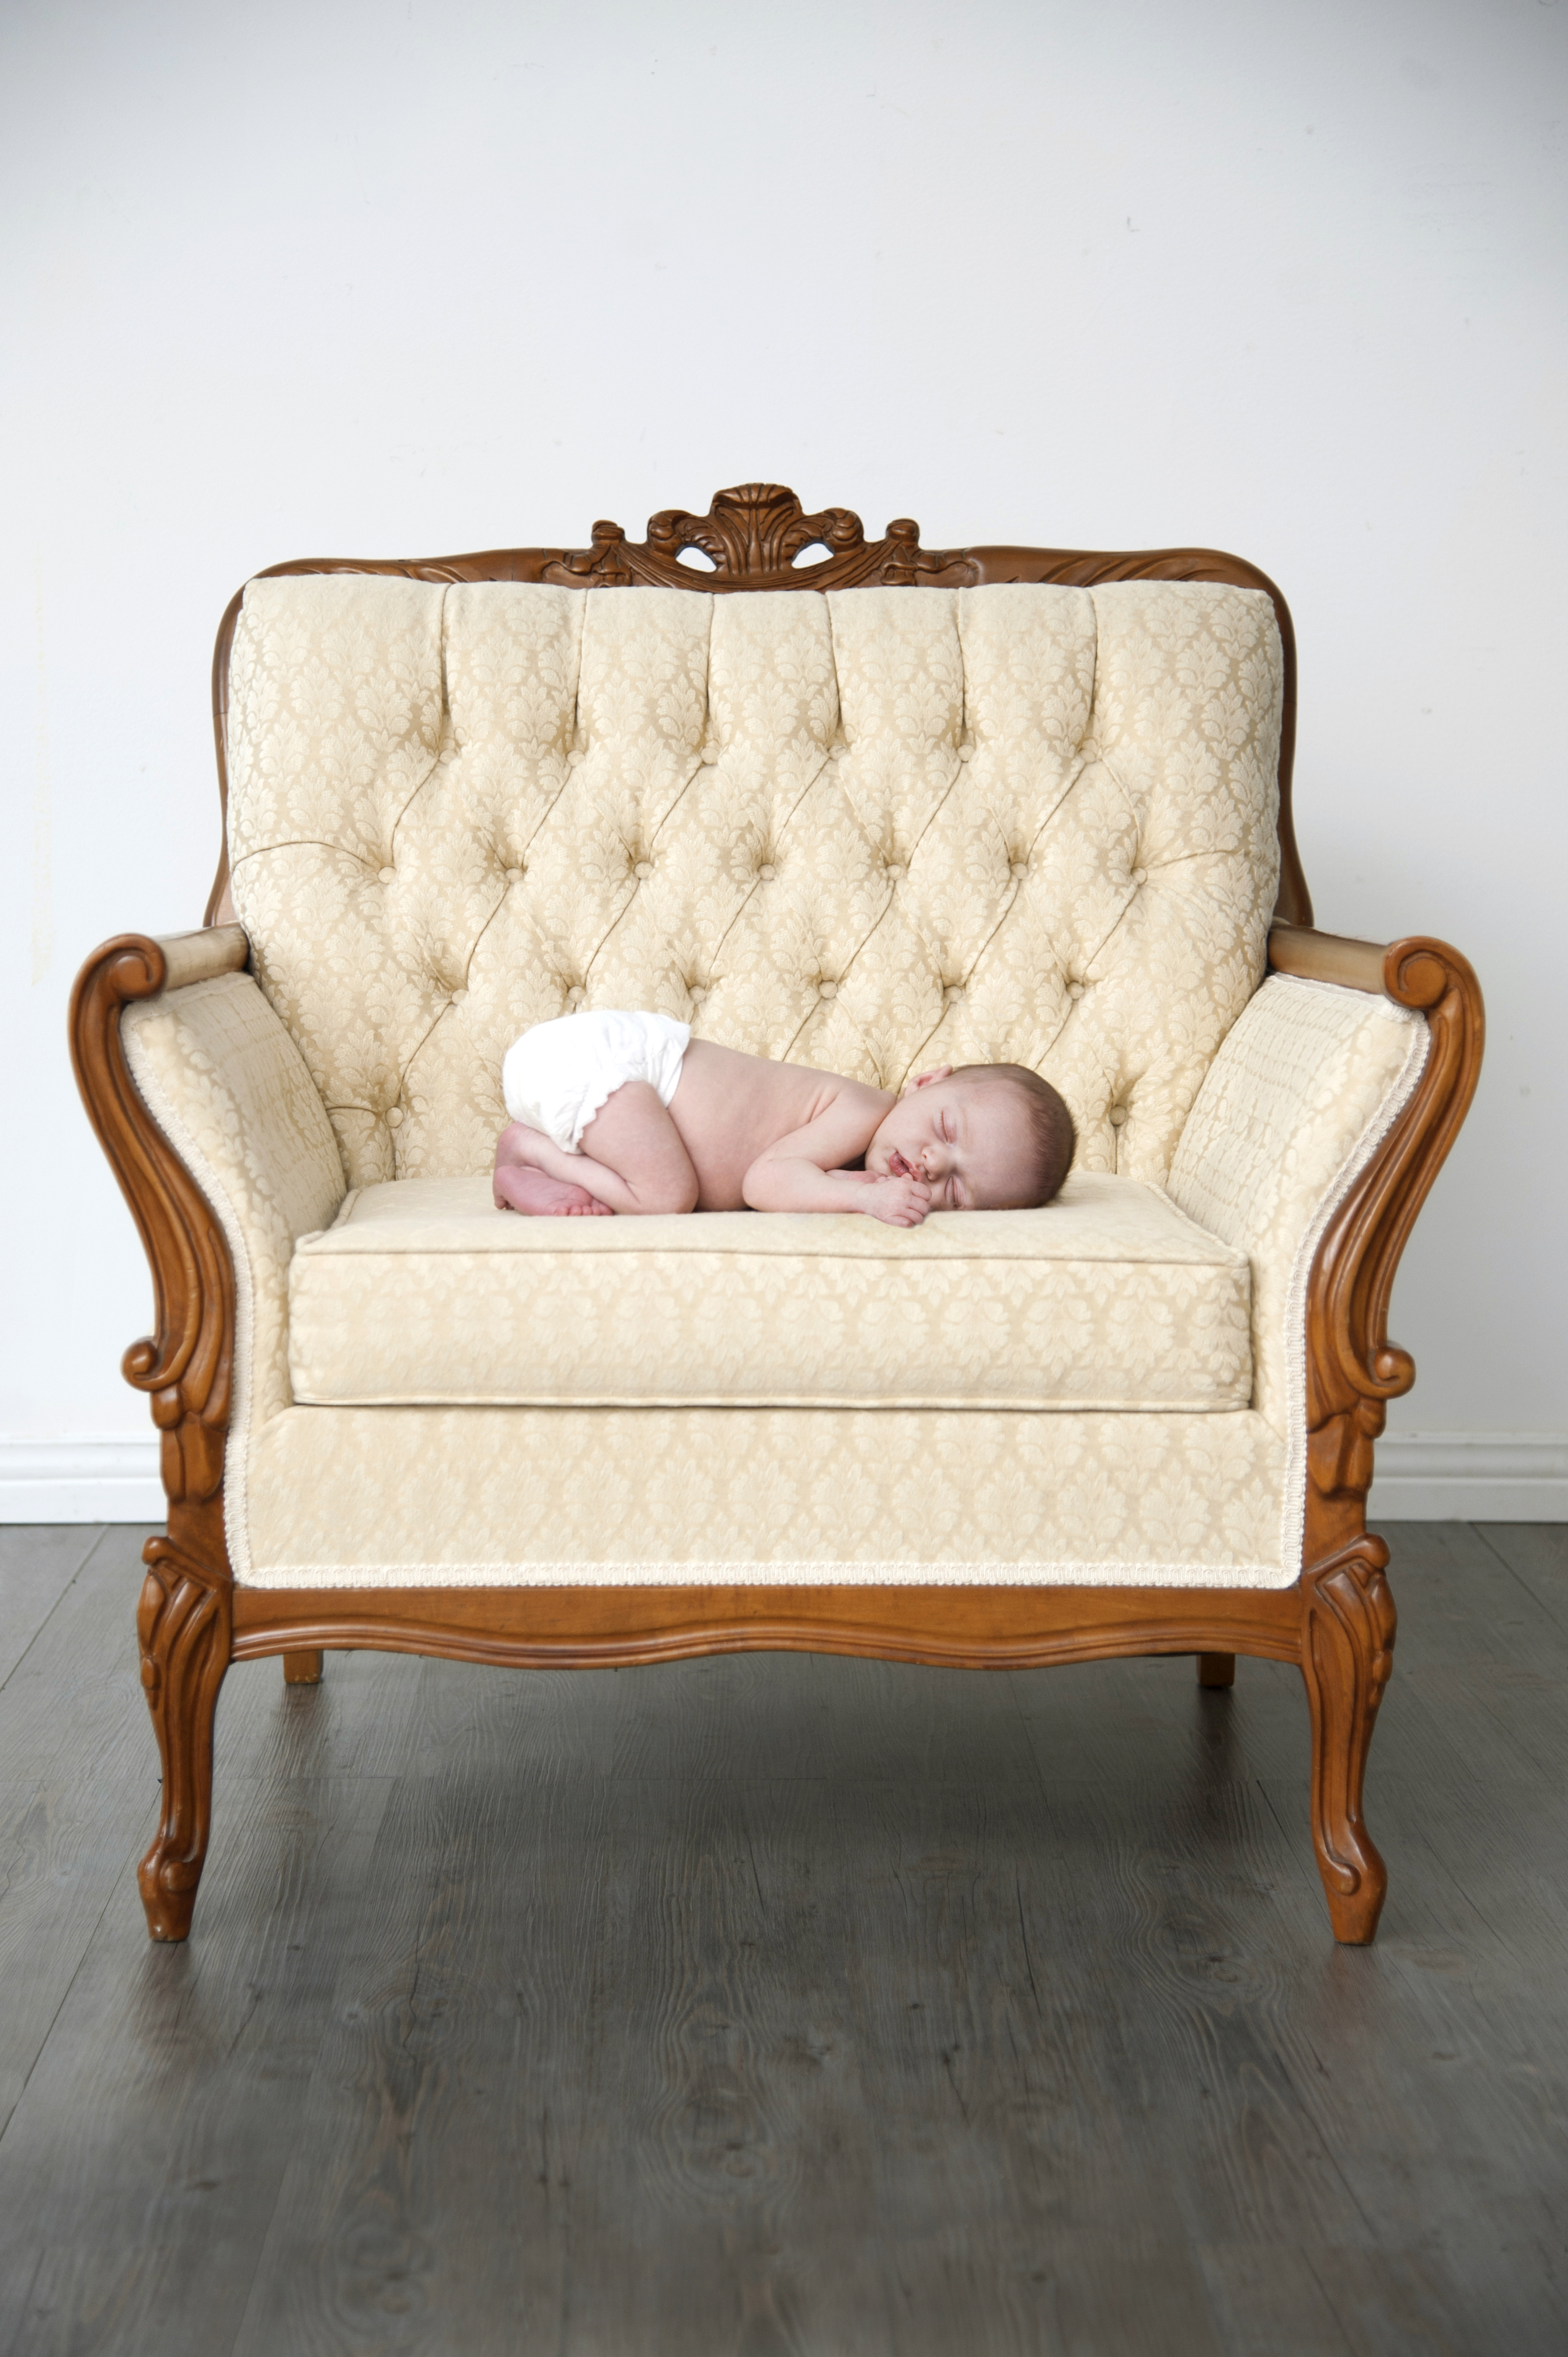 Fauteuil Roma - séance photo bébé